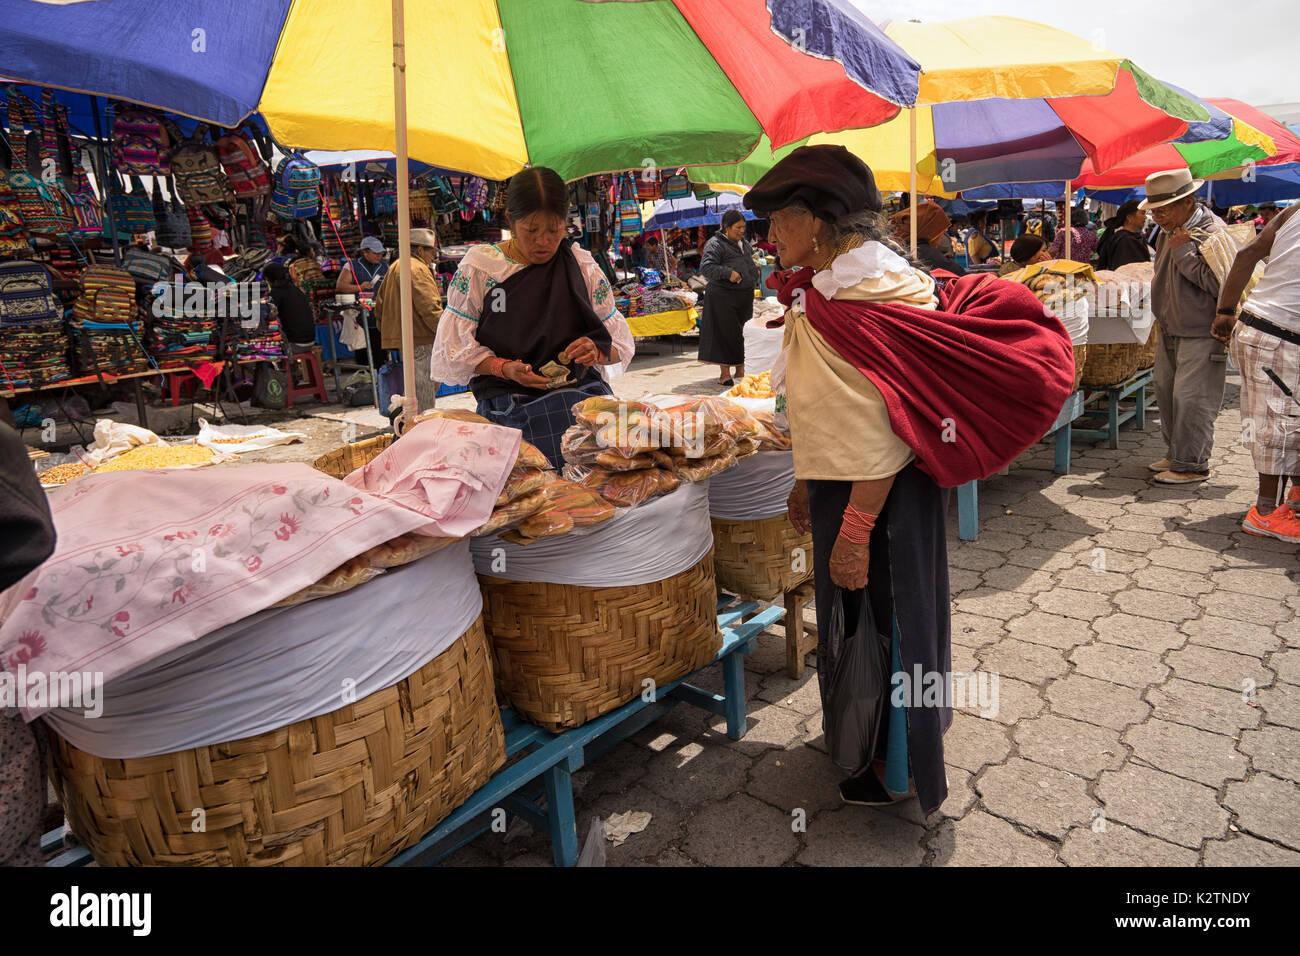 Mayo 6, 2017 en Otavalo, Ecuador: mujeres indígenas quechuas en el mercado del sábado Imagen De Stock